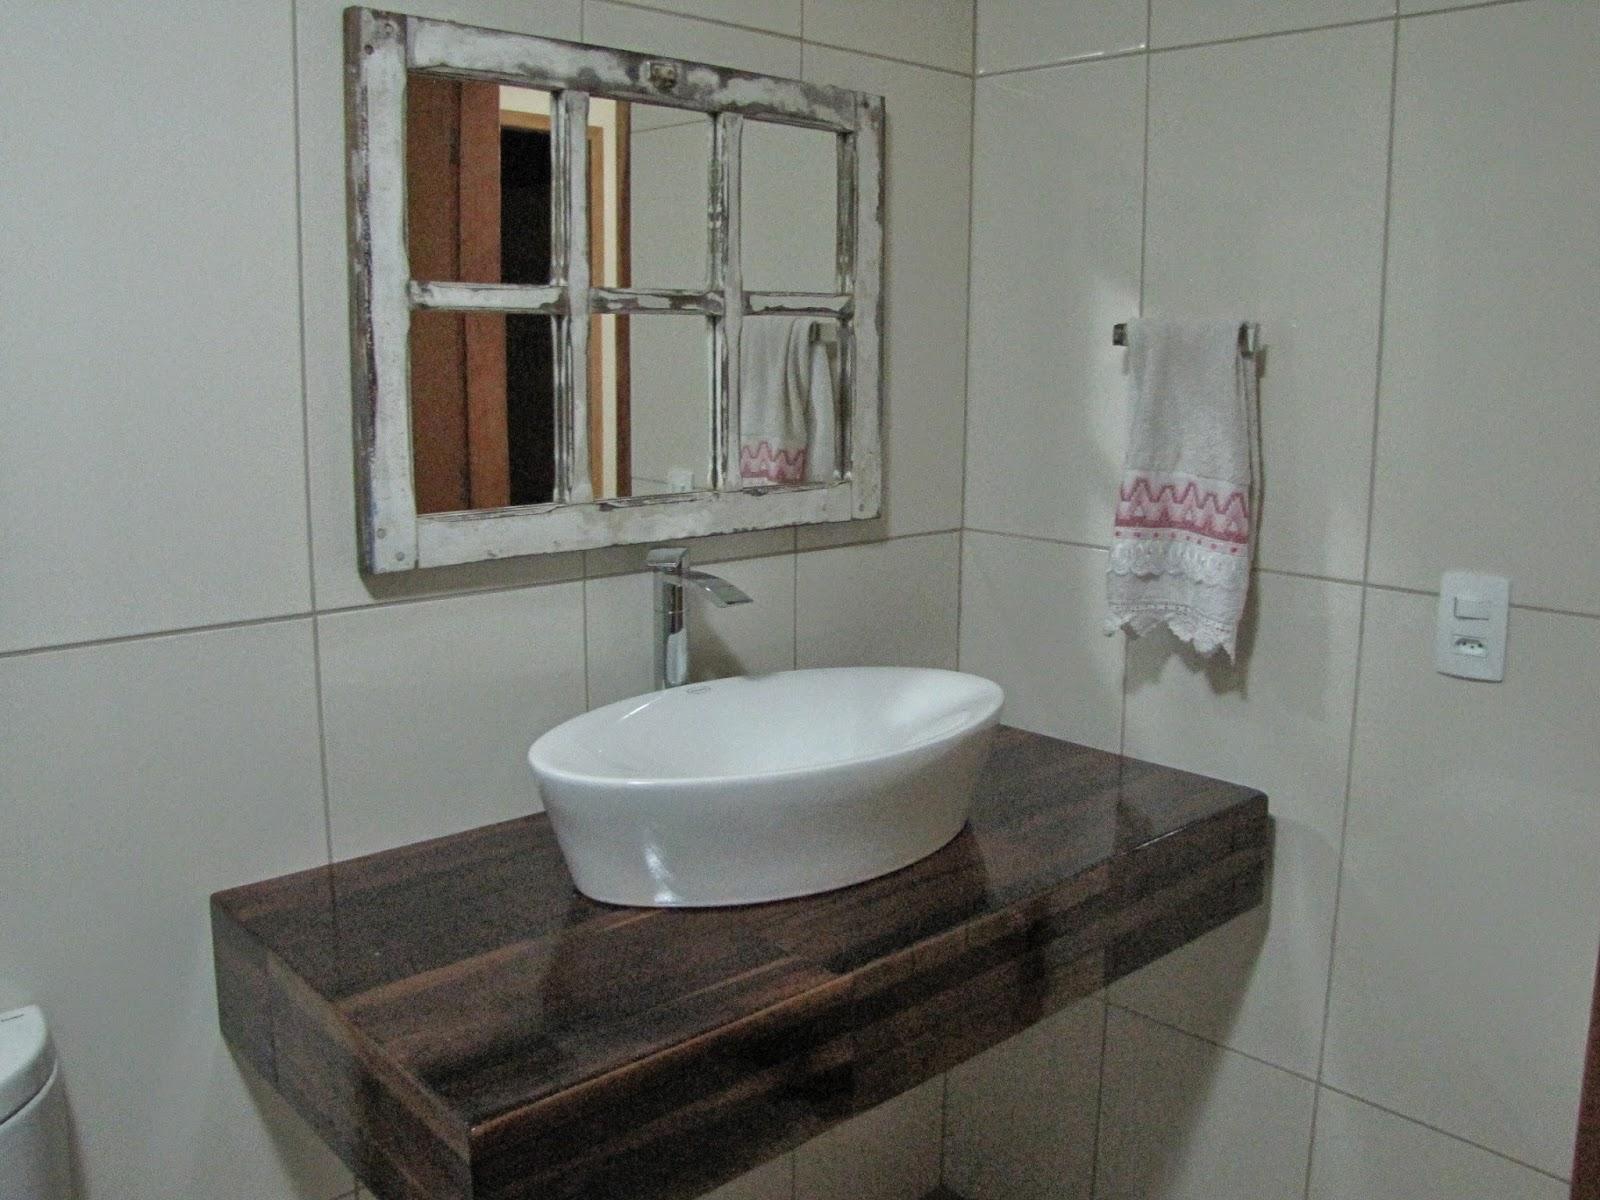 Finalmente terminamos o banheiro do andar de cima! Não sei se vocês  #5E4A3C 1600x1200 Bancada Banheiro Concreto